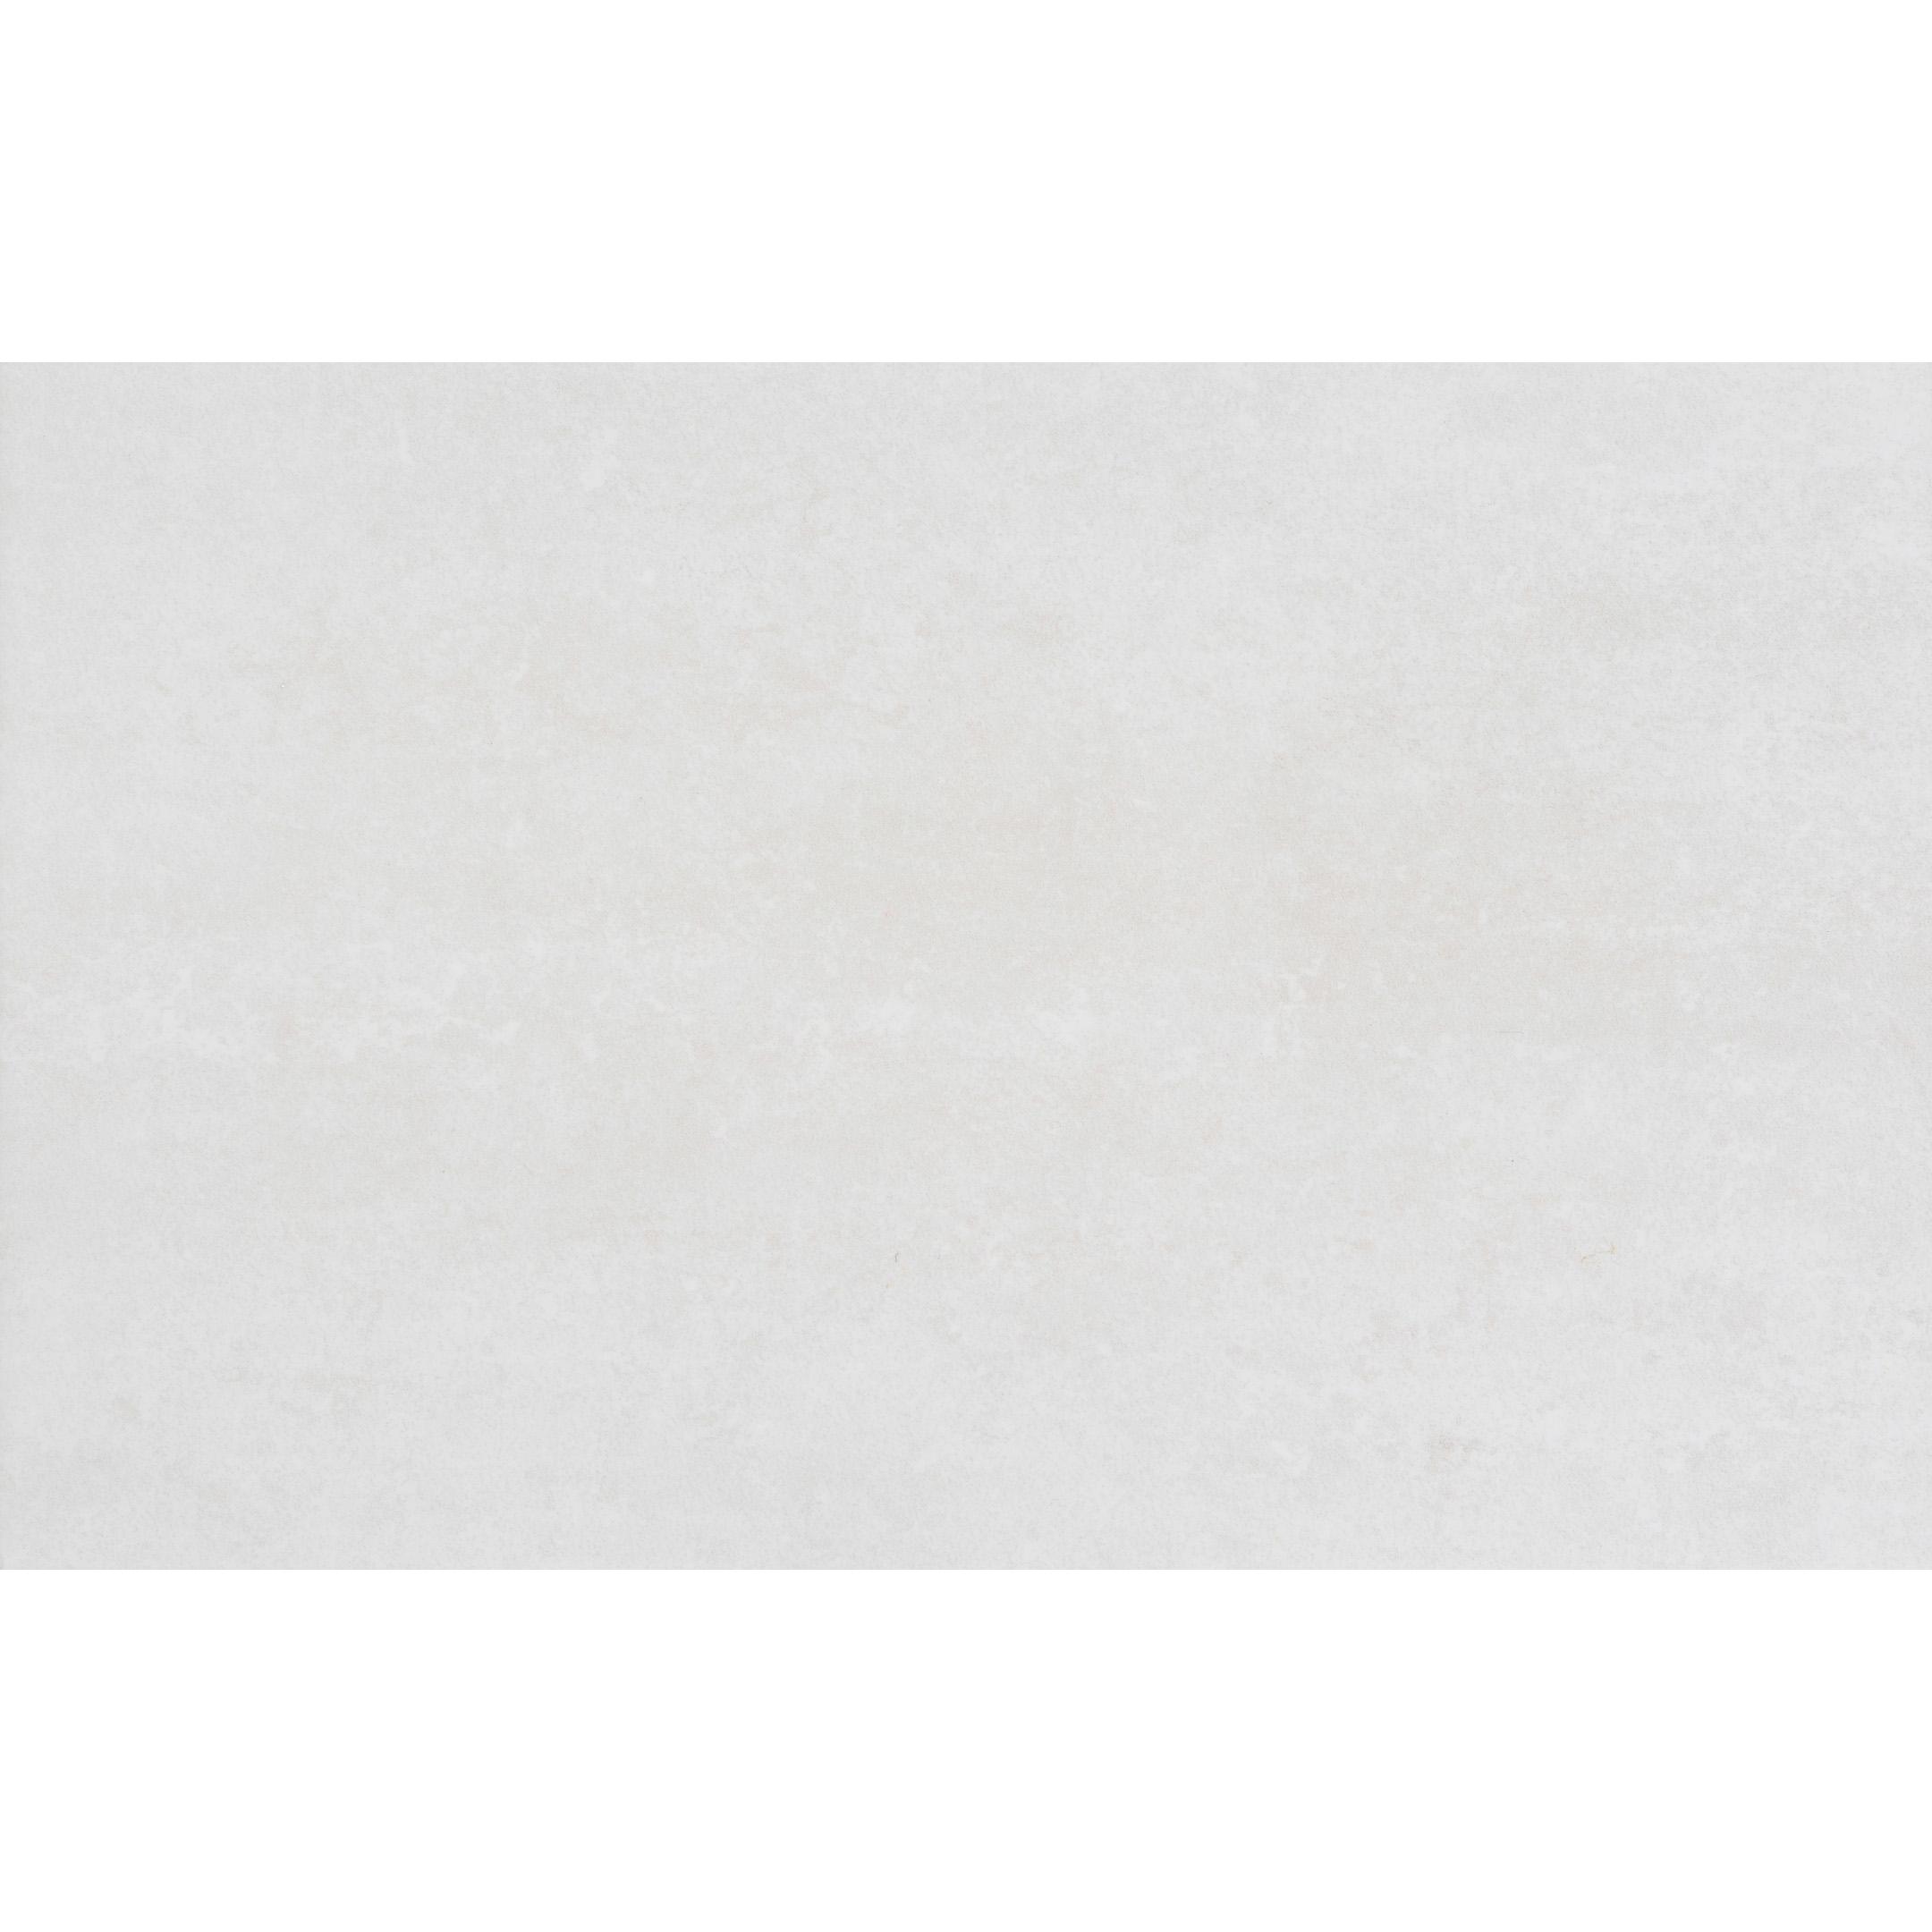 Плитка облицовочная Unitile Картье серый 250x400x8 мм (14 шт.=1,4 кв.м)